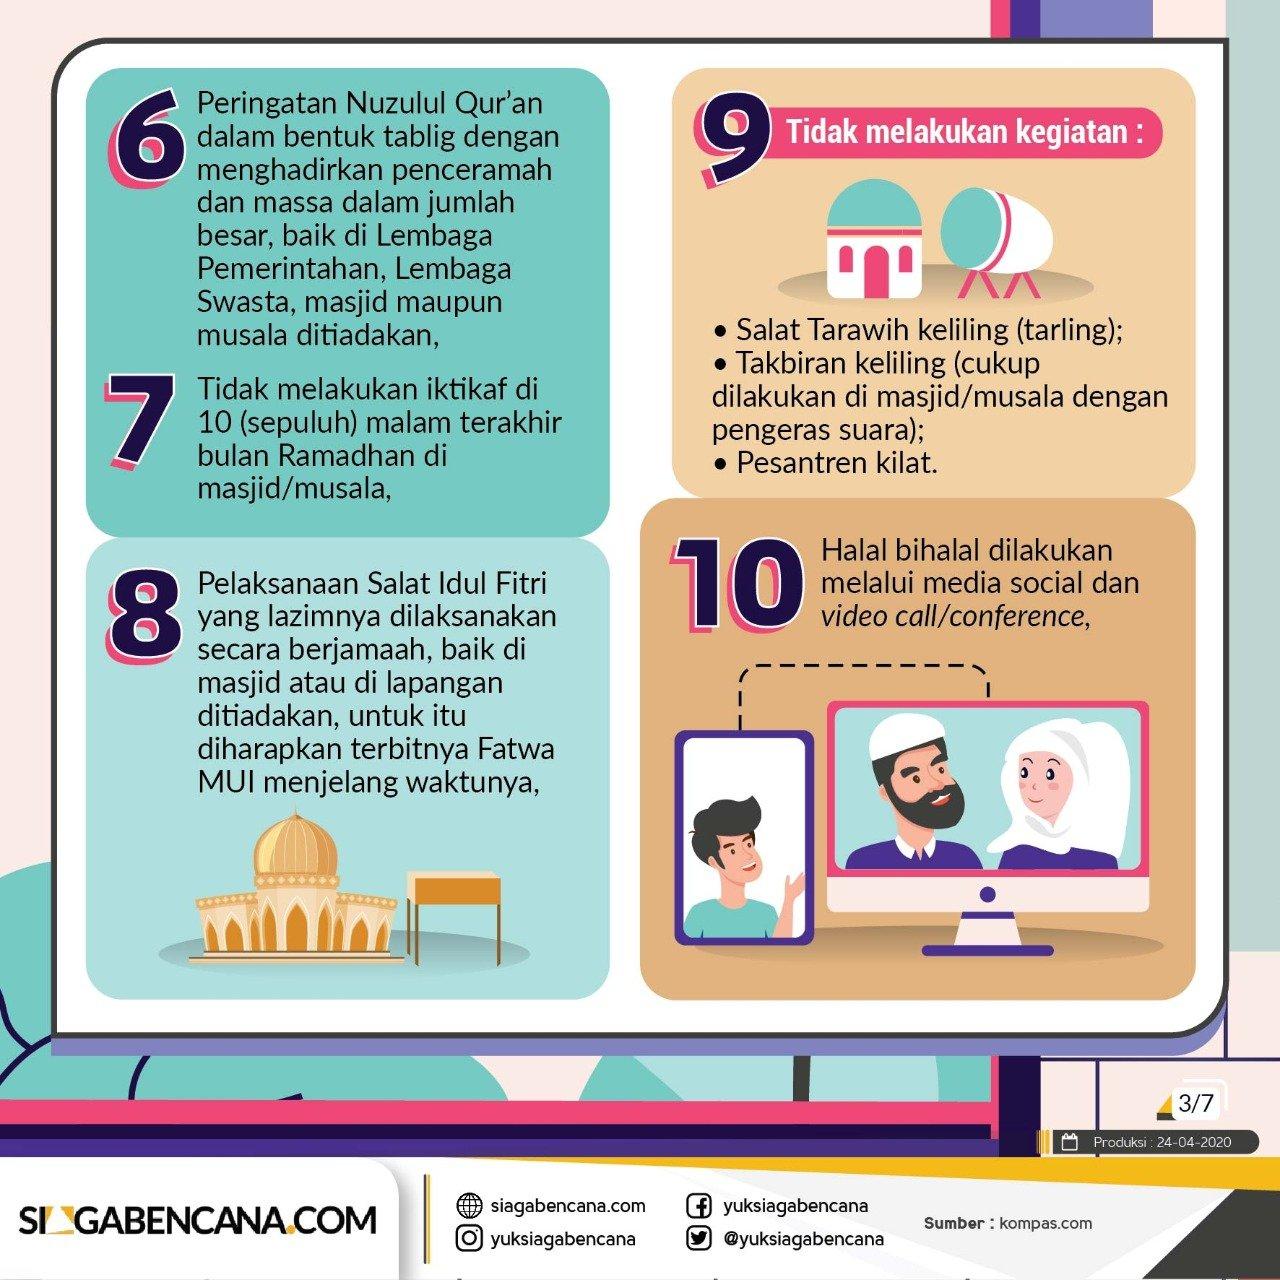 Panduan Ibadah Ramadhan dan Idul Fitri Saat Wabah Virus Corona